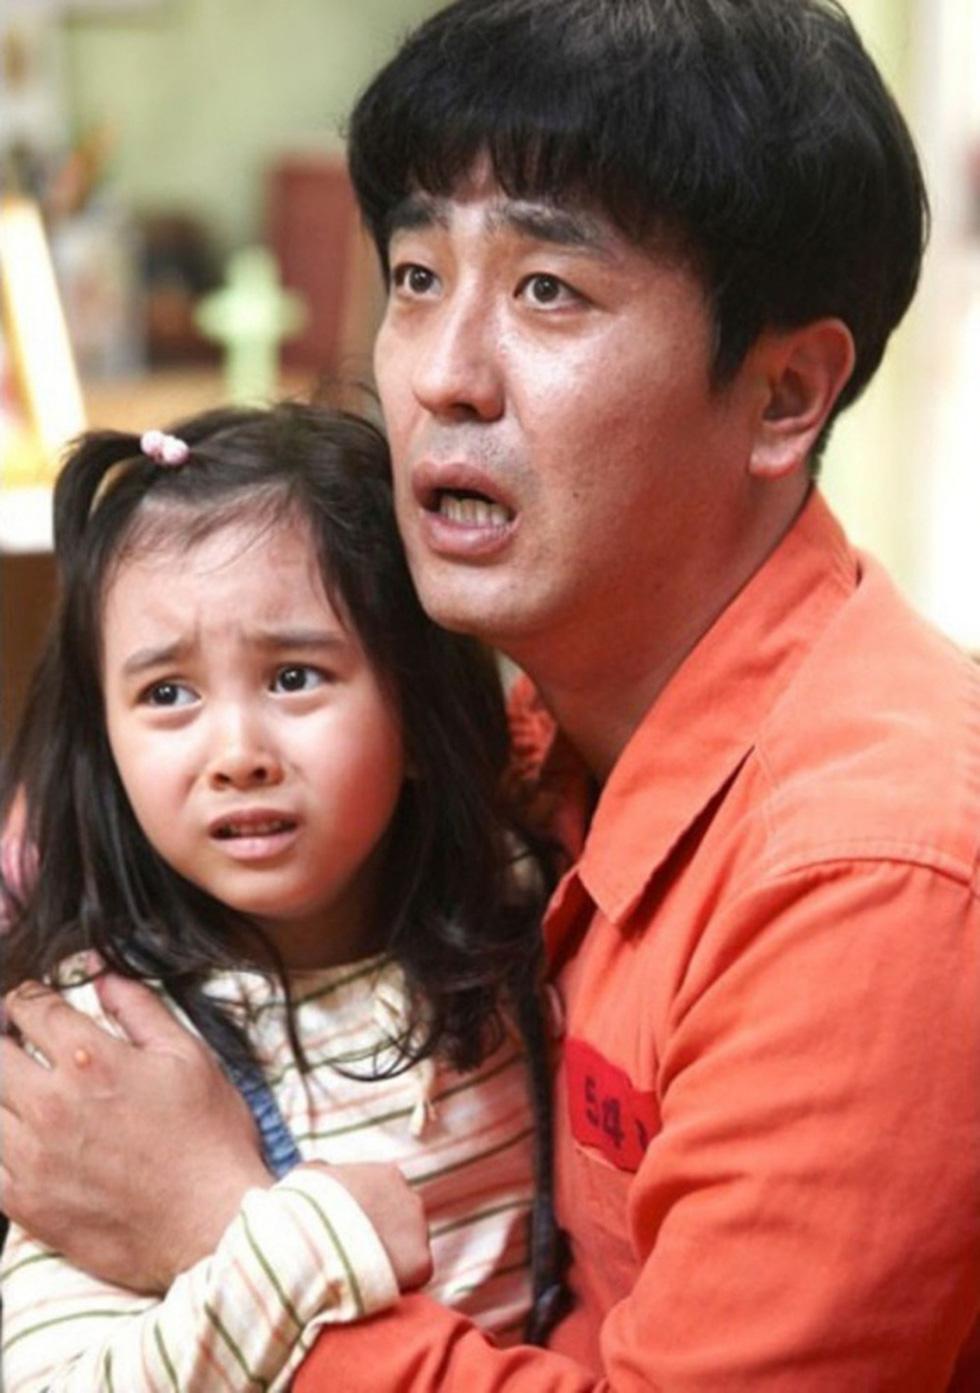 Đàn ông Hàn dữ dội trong điện ảnh: Hình tượng người cha và vị thế quốc gia - Ảnh 2.